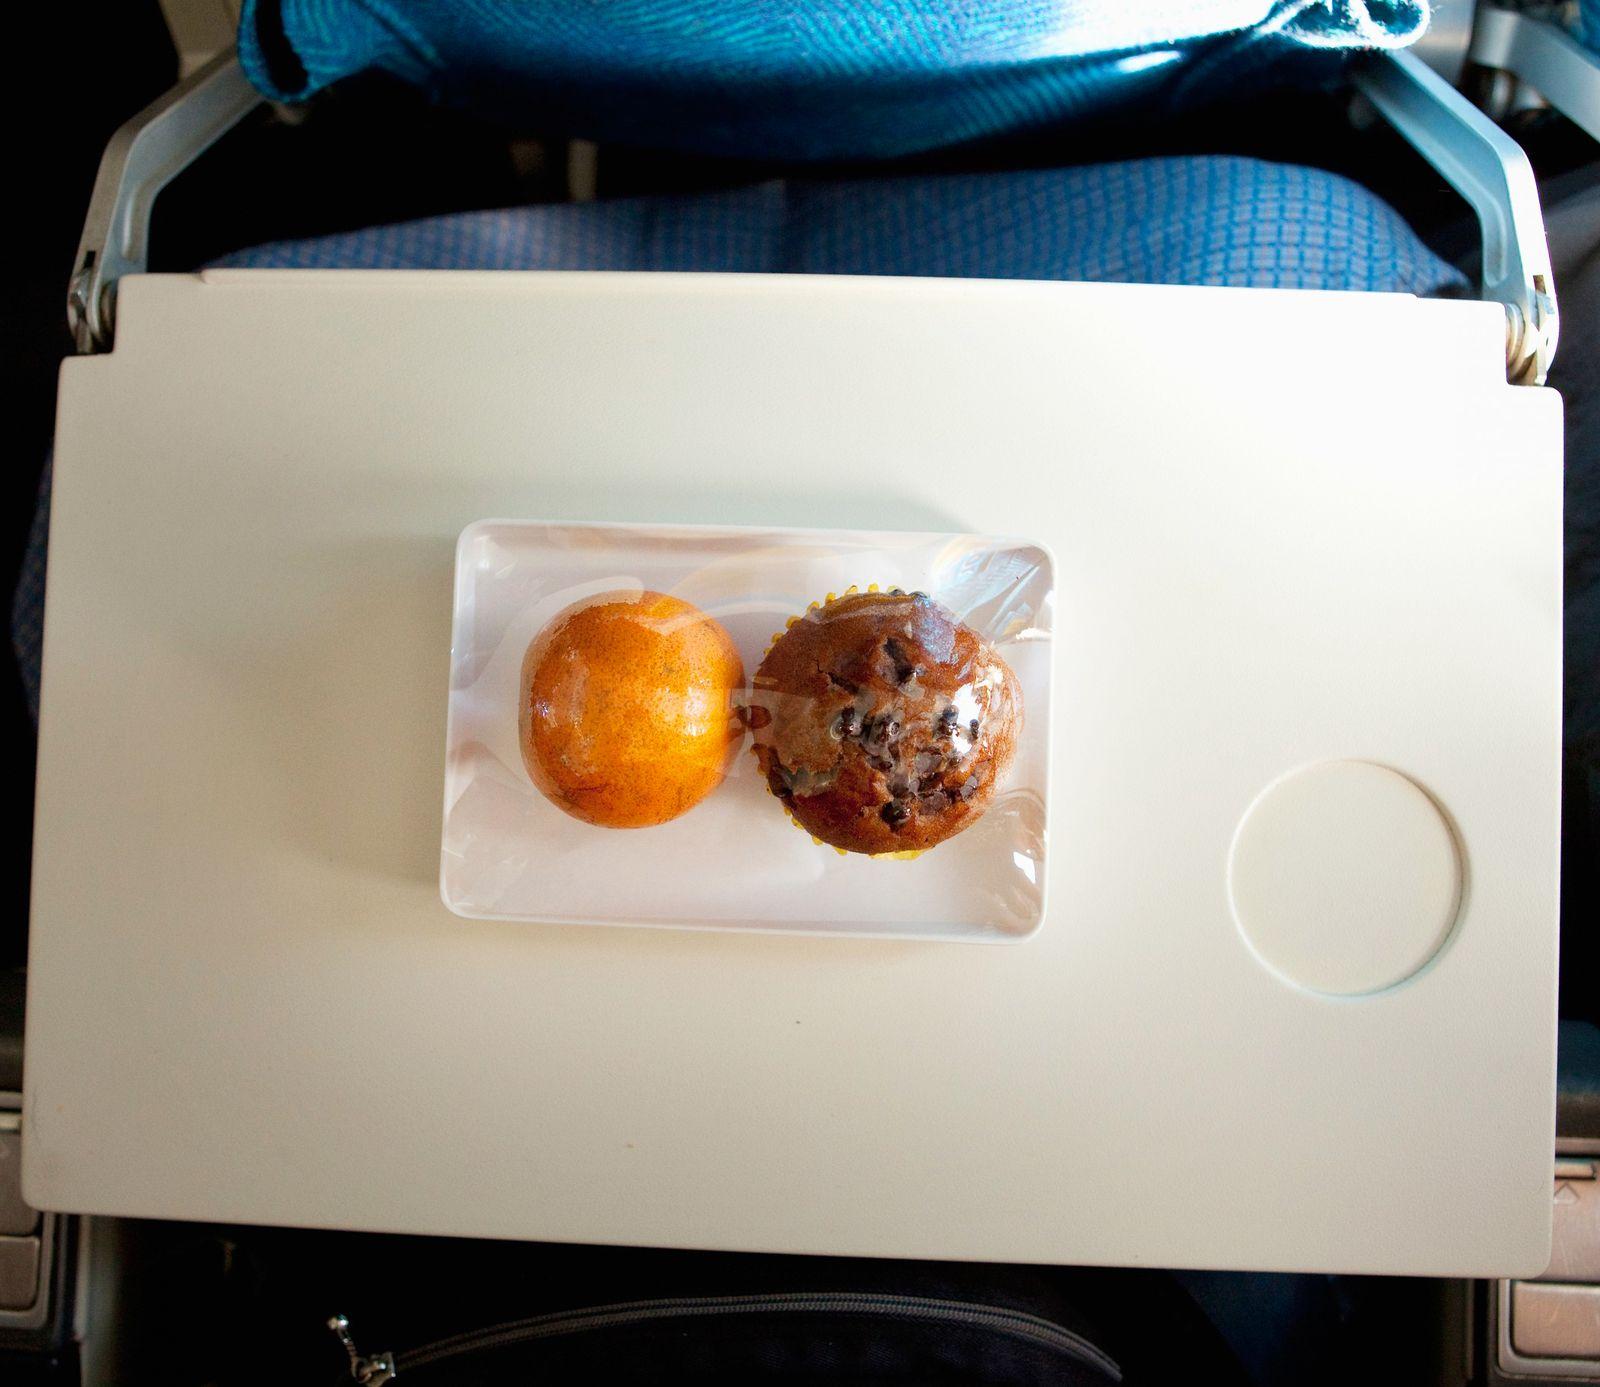 NICHT MEHR VERWENDEN! - Flugzeug Snack